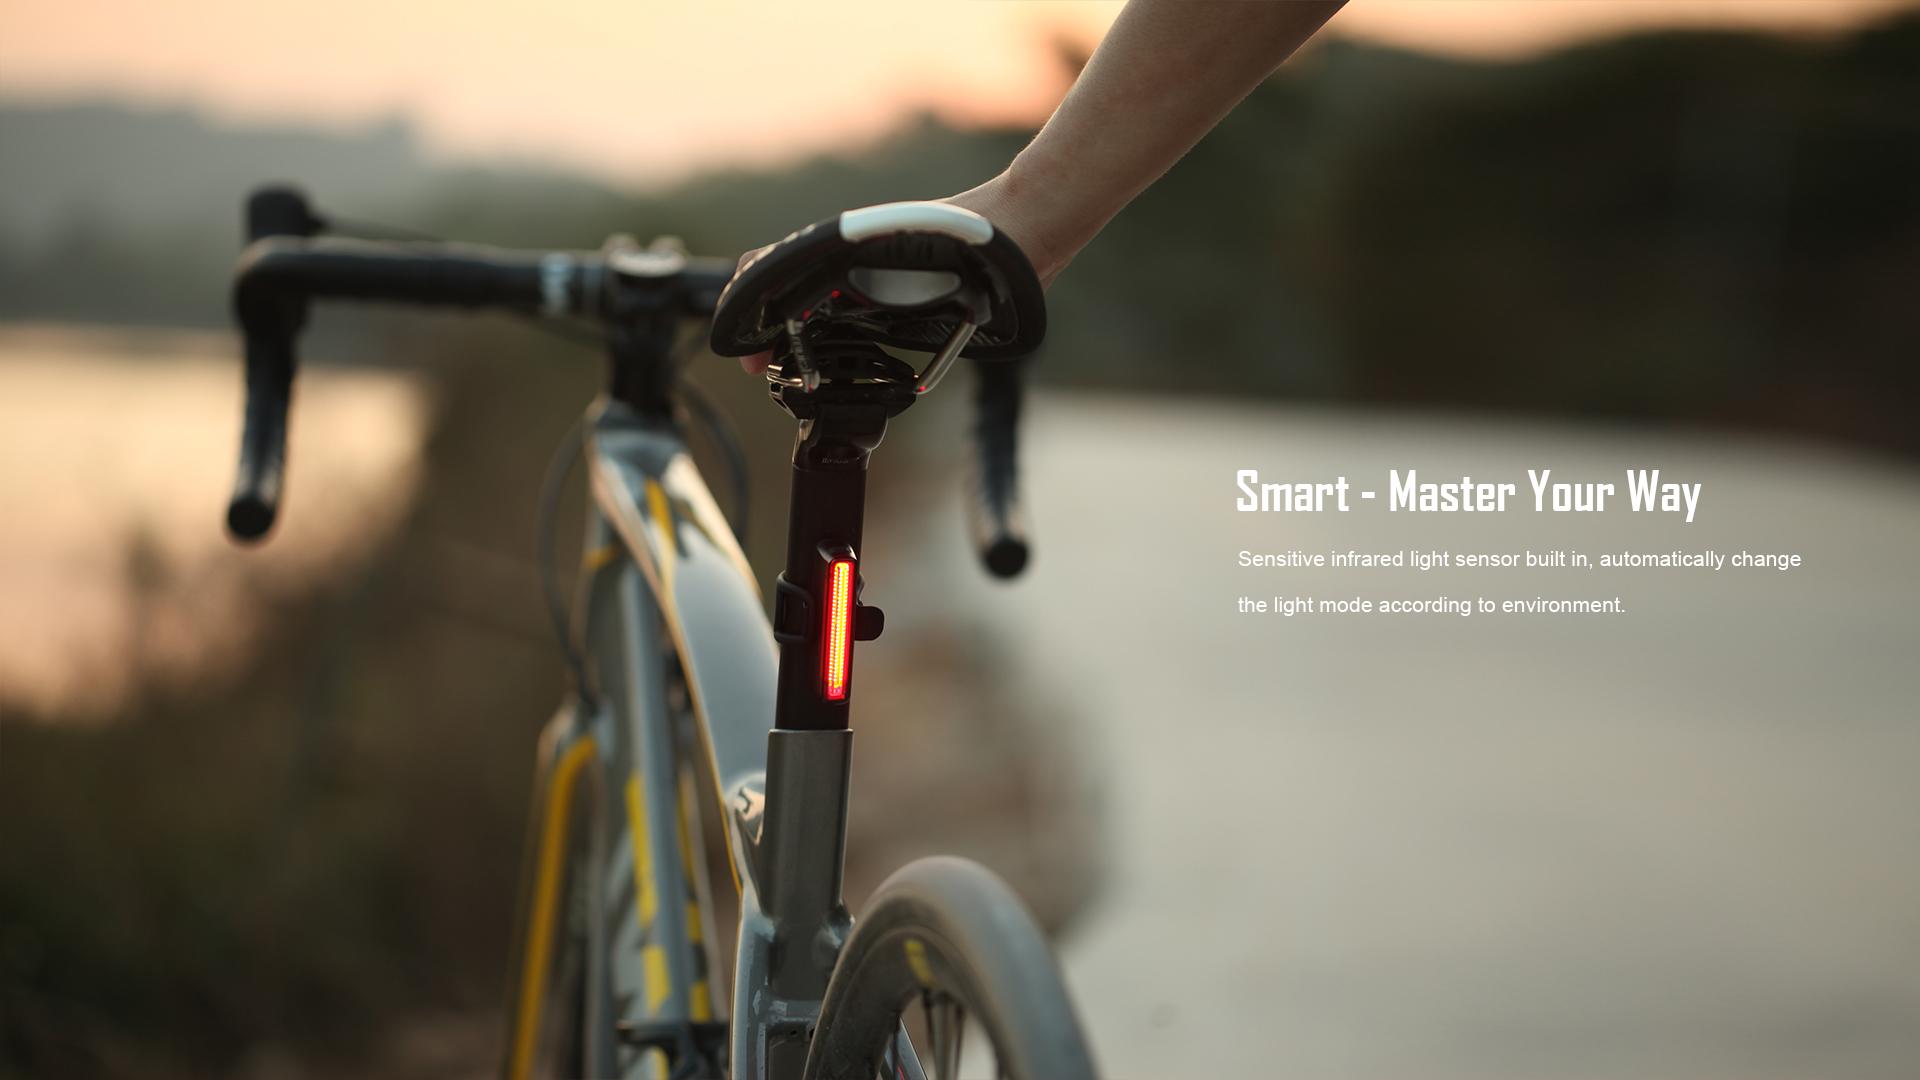 Seemee 30 TL Rear Bike Light Smart